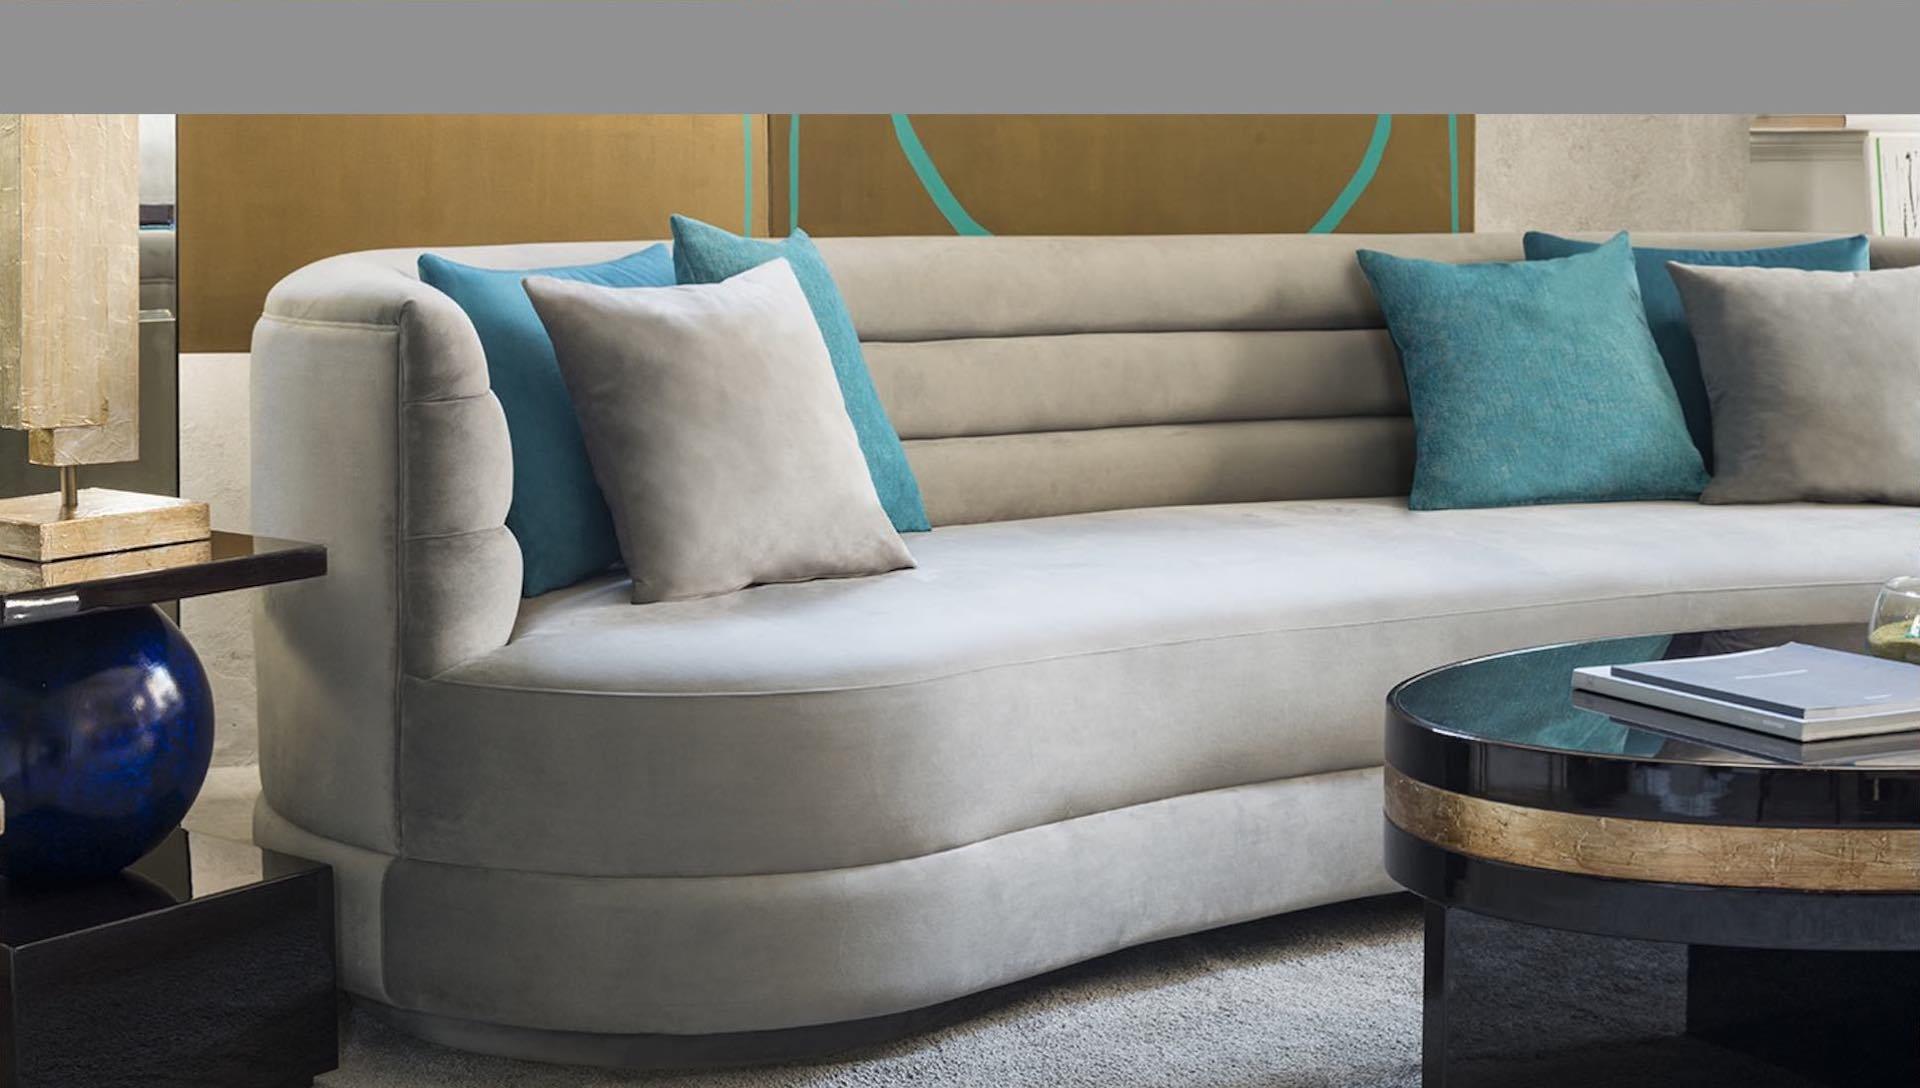 Scopri i nostri complementi di arredo: Interior Design Mobili E Complementi D Arredo